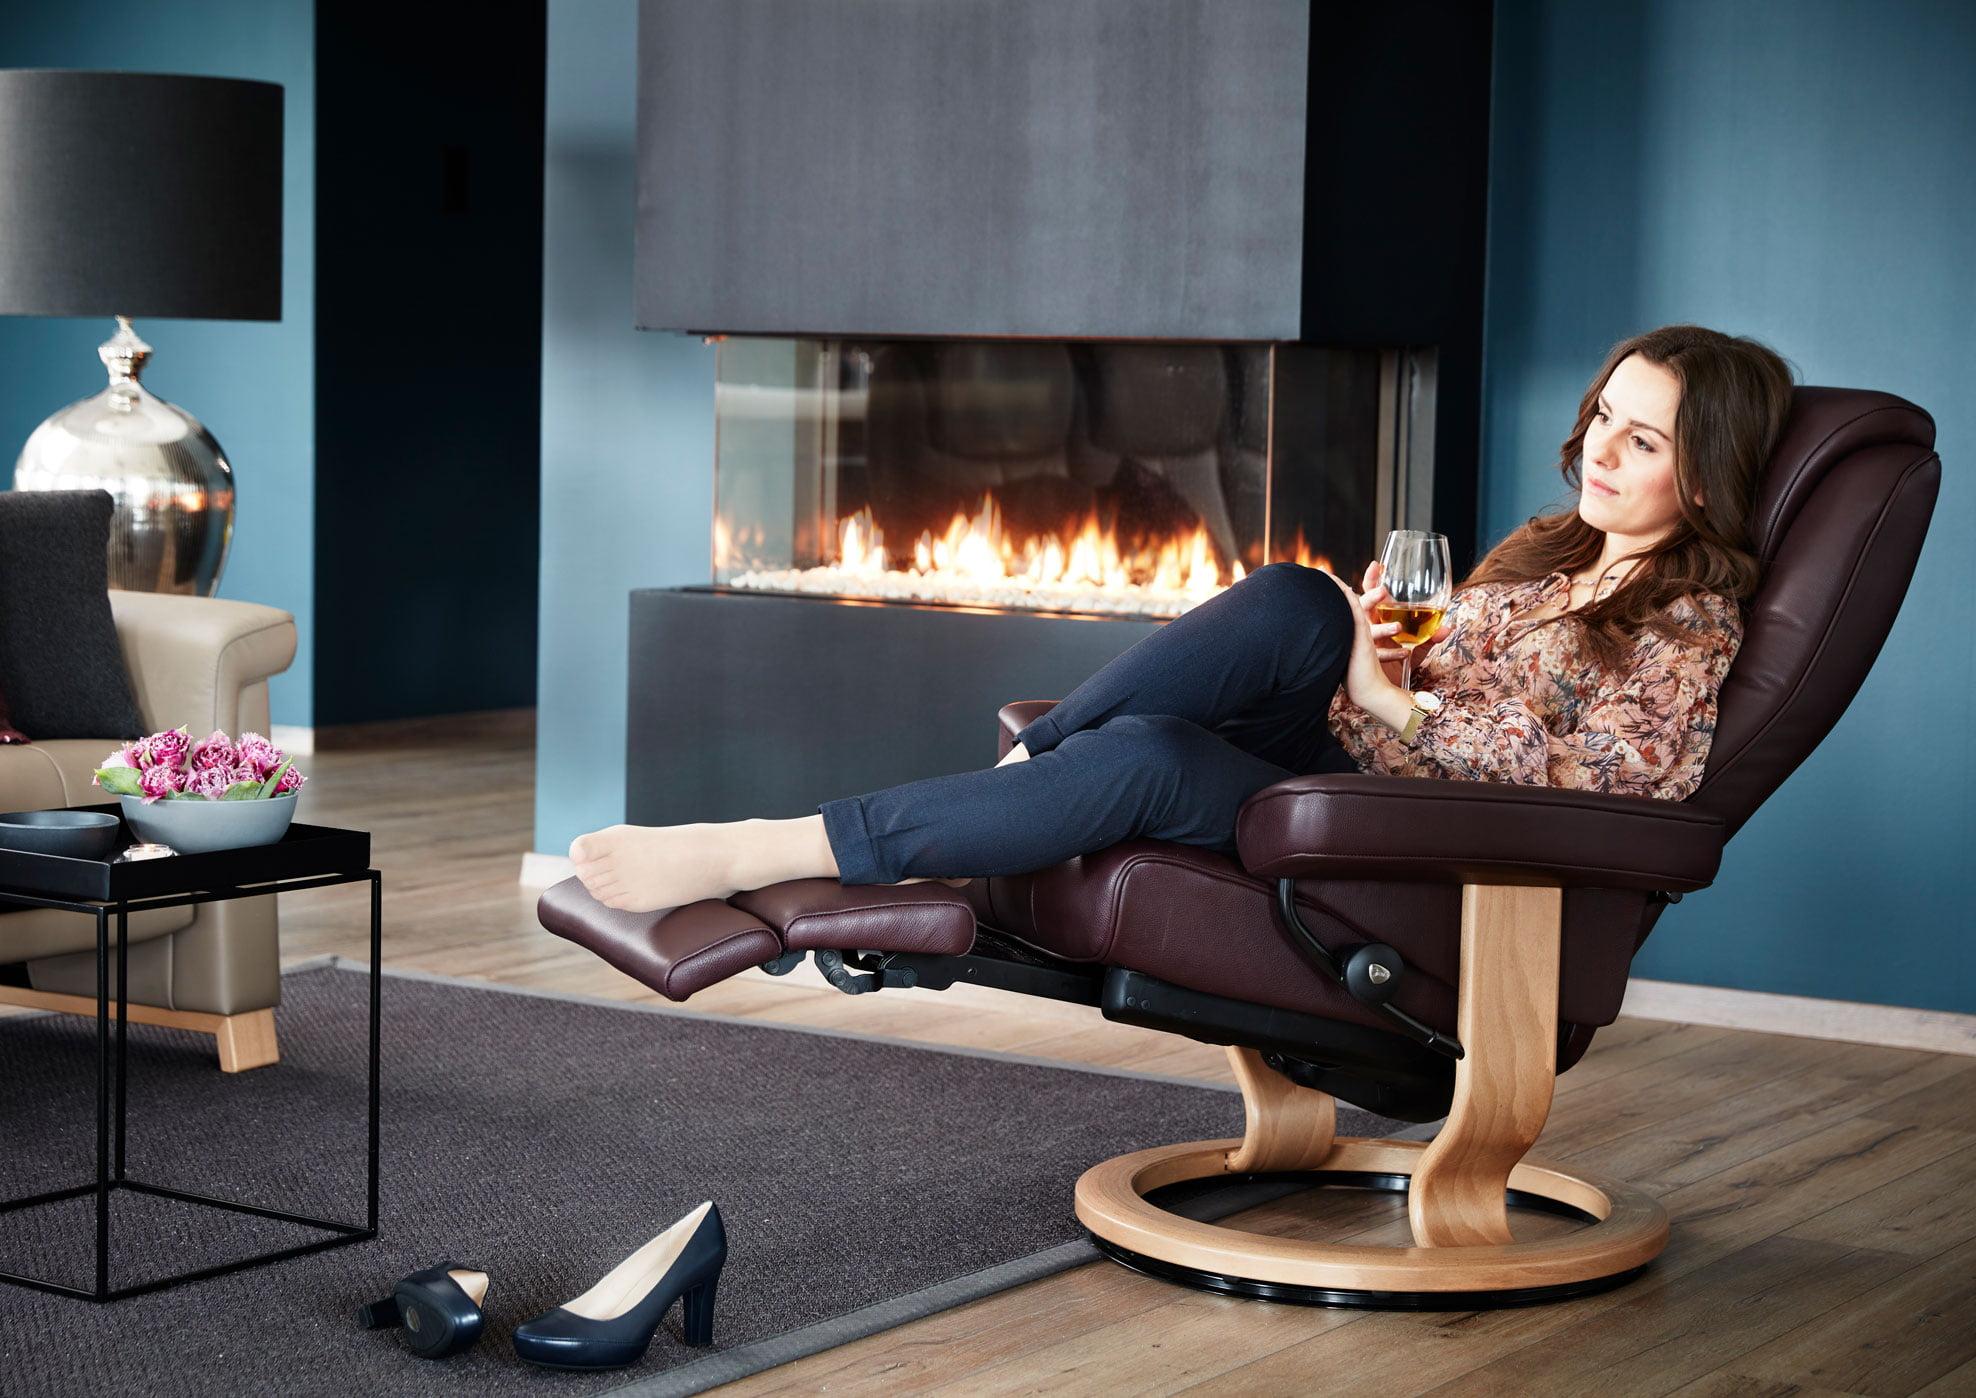 le nouveau repose pied int gr by stressless site officiel. Black Bedroom Furniture Sets. Home Design Ideas